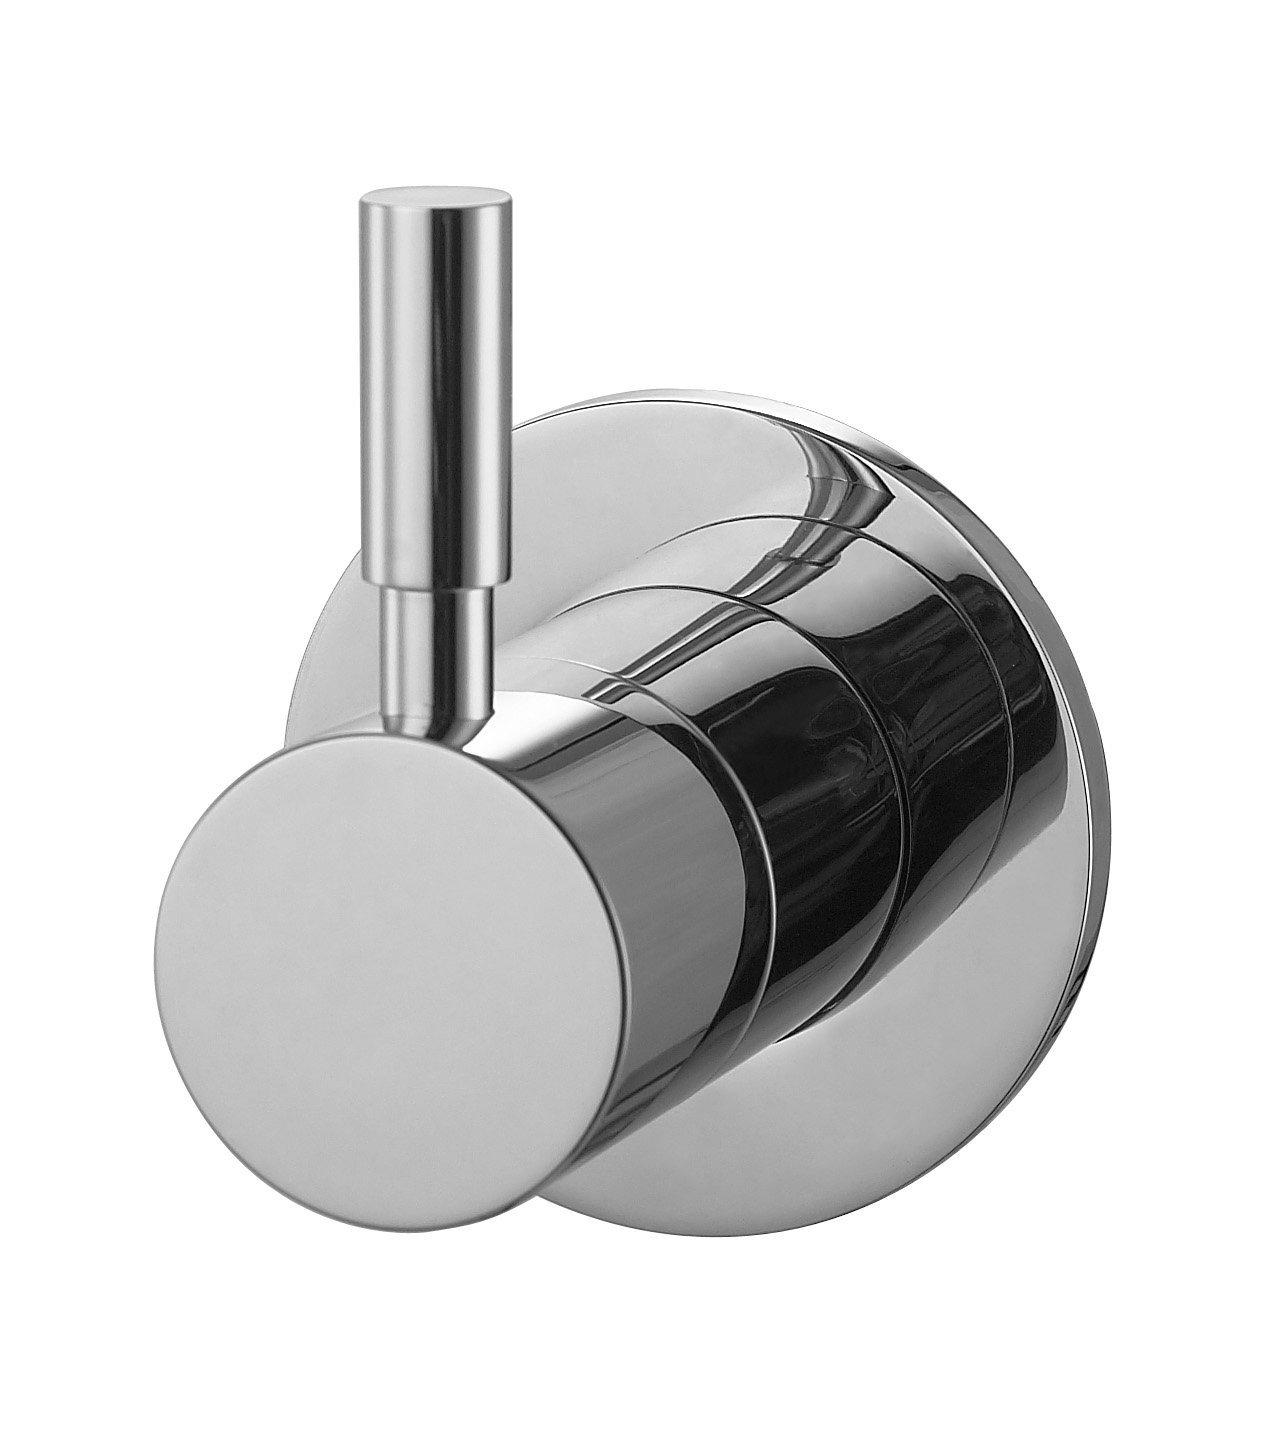 'Aqua Bagno Design taharet WC robinet–encastré robinet 1/2avec corps en laiton de base–encastré robinet bain bidet mitigeur bidet